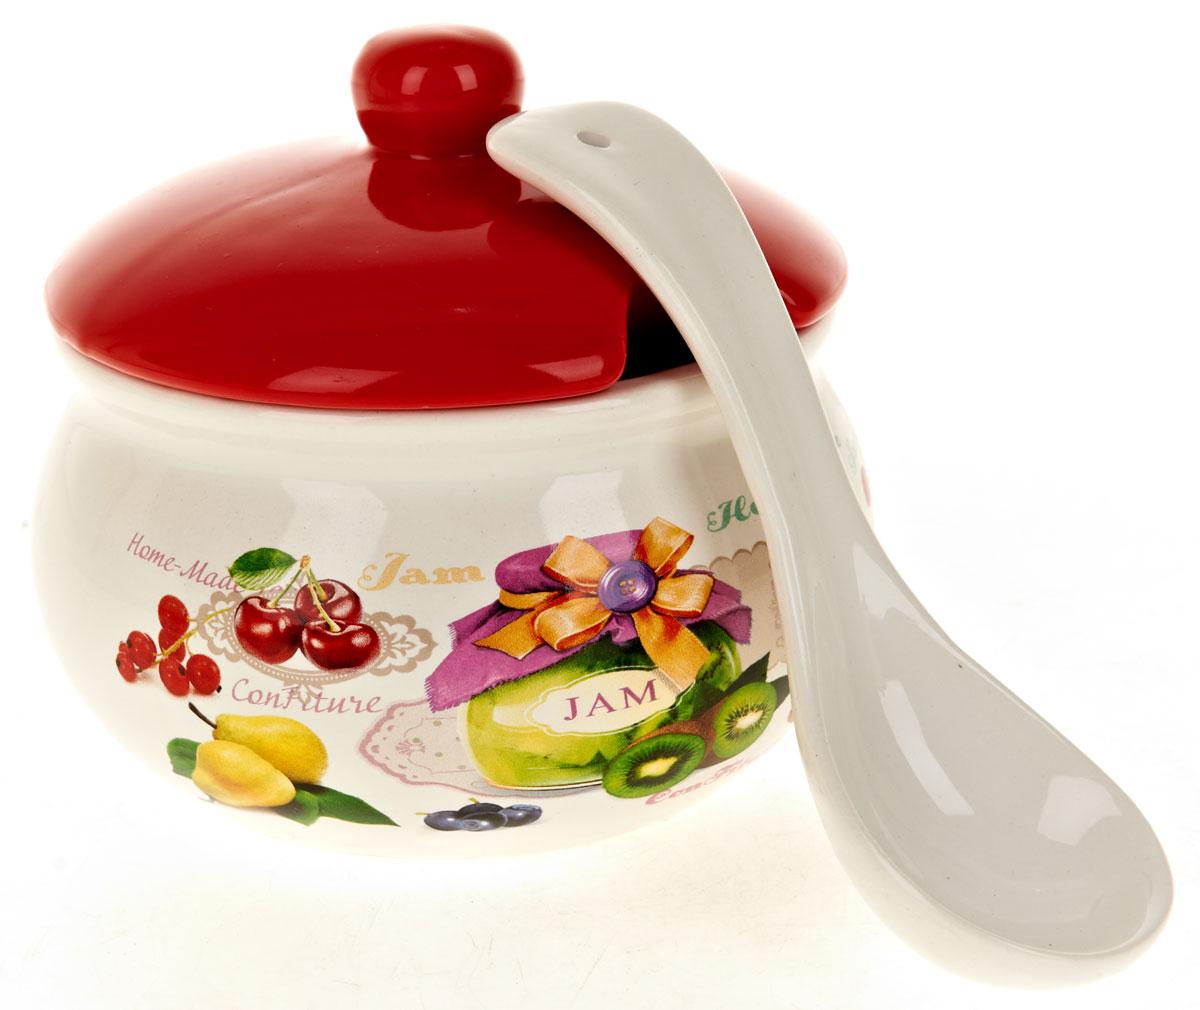 Сахарница ENS Group Джем, с ложкой, 800 мл115510Сахарница Джем с крышкой и ложкой изготовлена из керамики и украшена ярким рисунком.Емкость универсальна, подойдет как для сахара, так и для специй или меда. Можно мыть в посудомоечной машине.